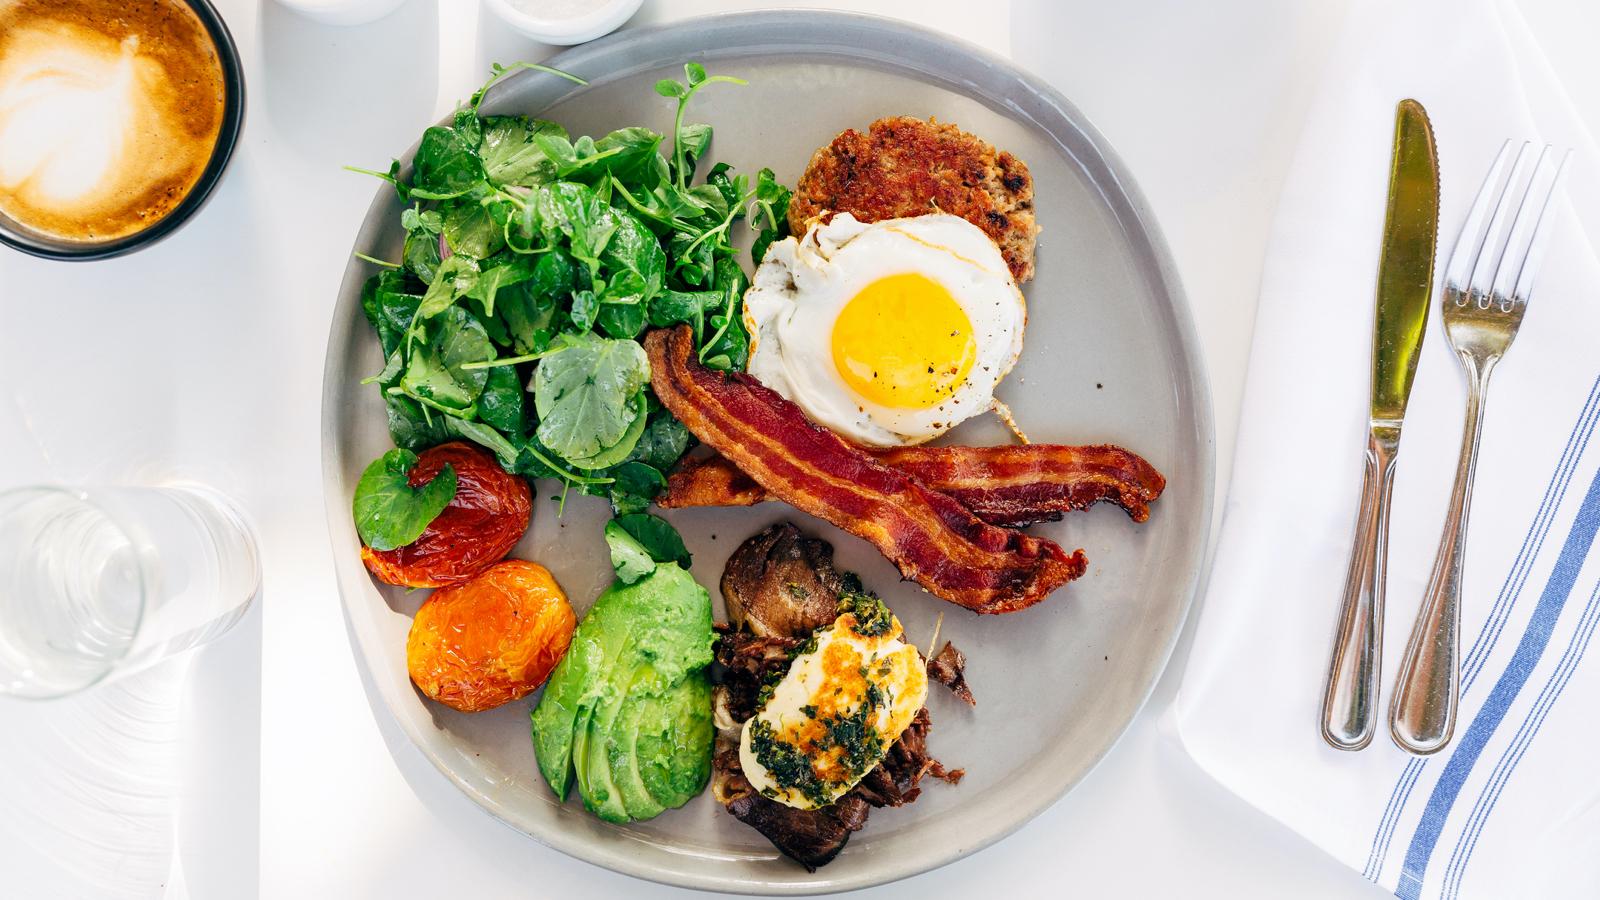 diet plan to lose weight breakfast lunch dinner